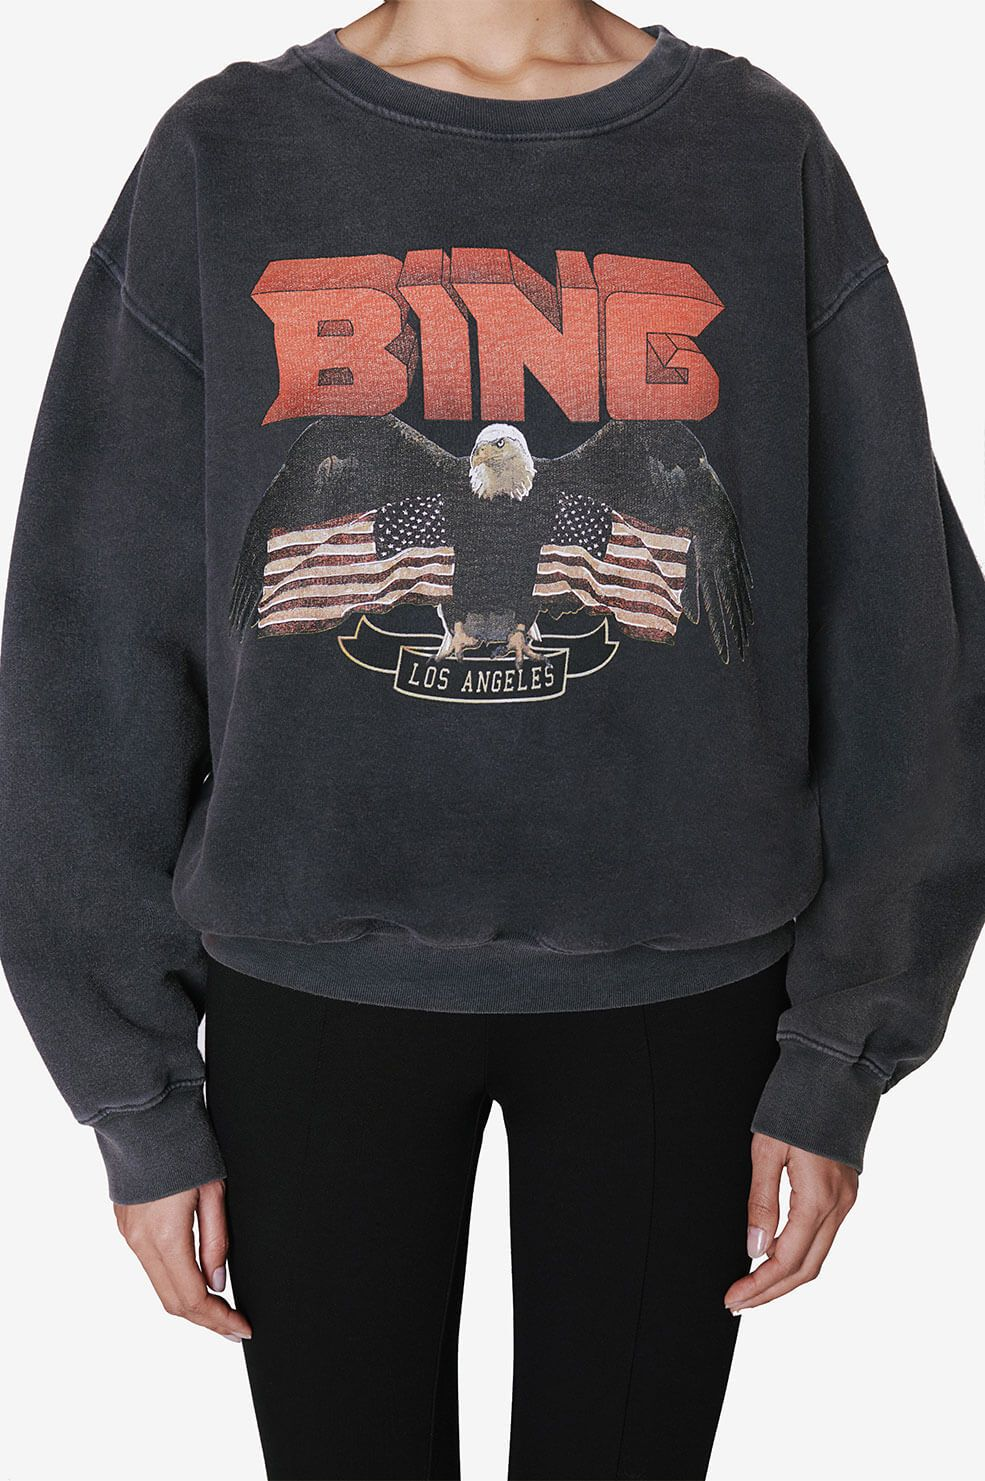 Vintage Bing Sweatshirt